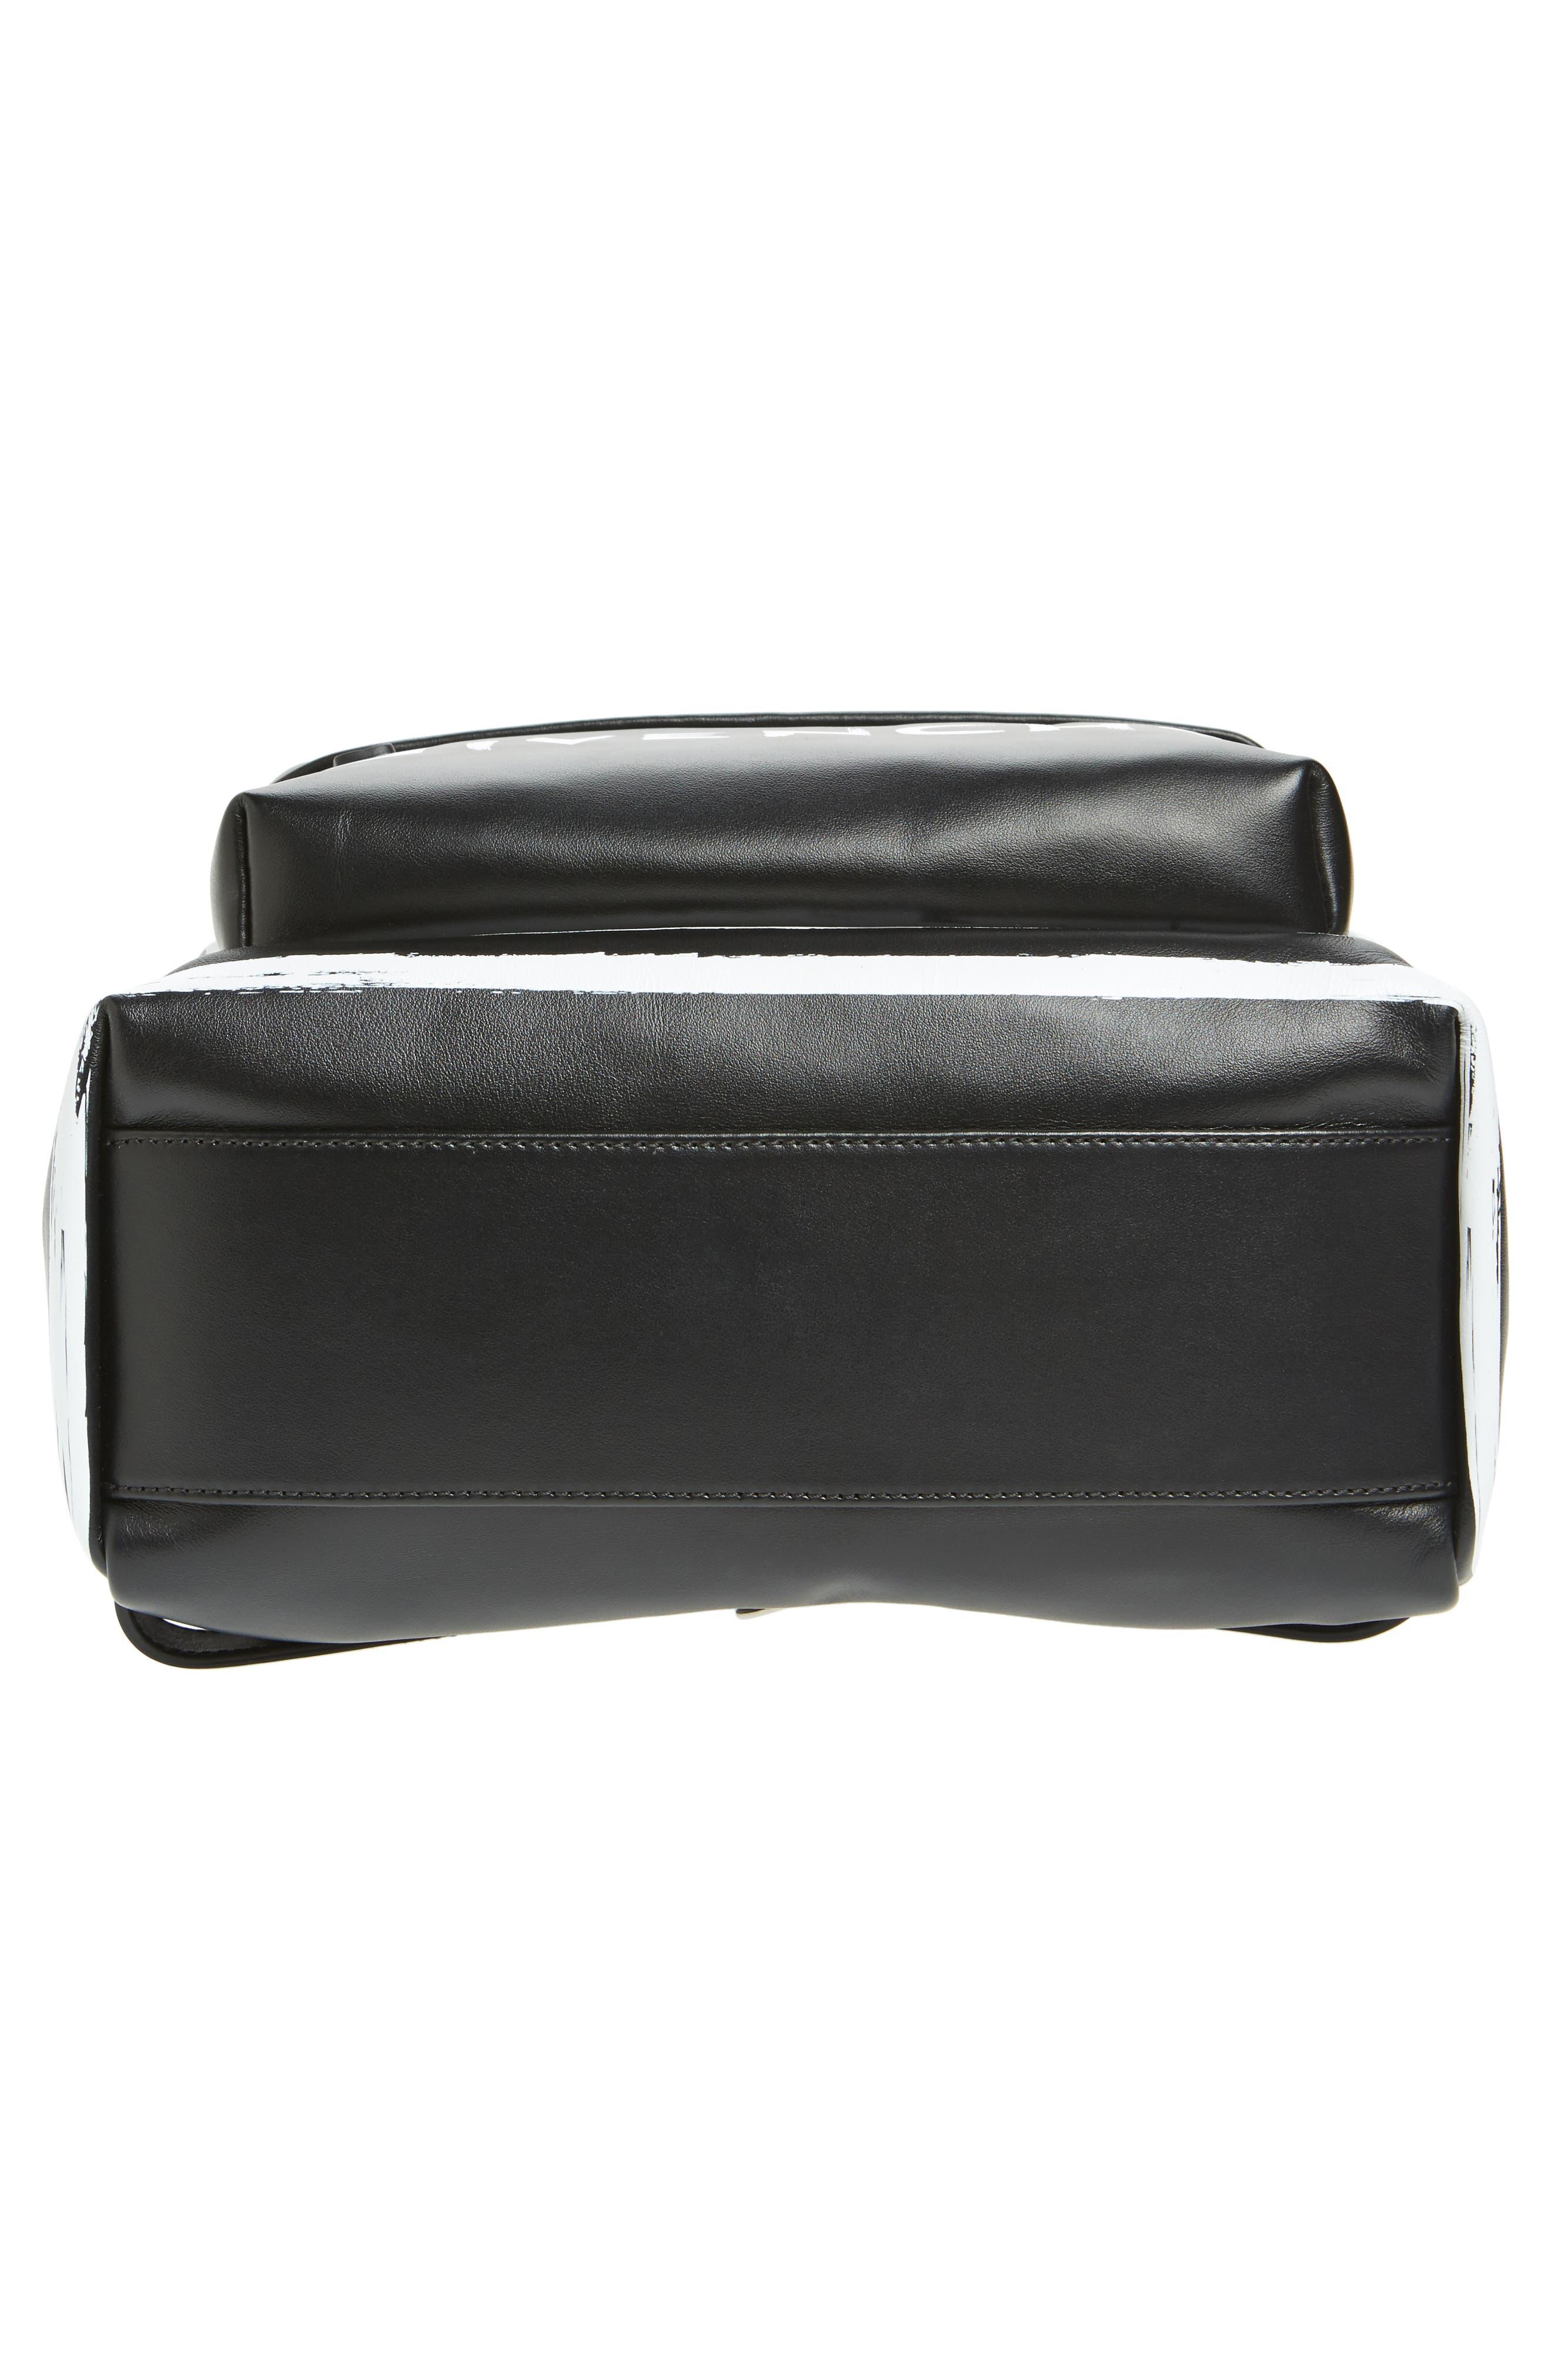 Graffiti Calfskin Leather Backpack,                             Alternate thumbnail 6, color,                             BLACK/ WHITE